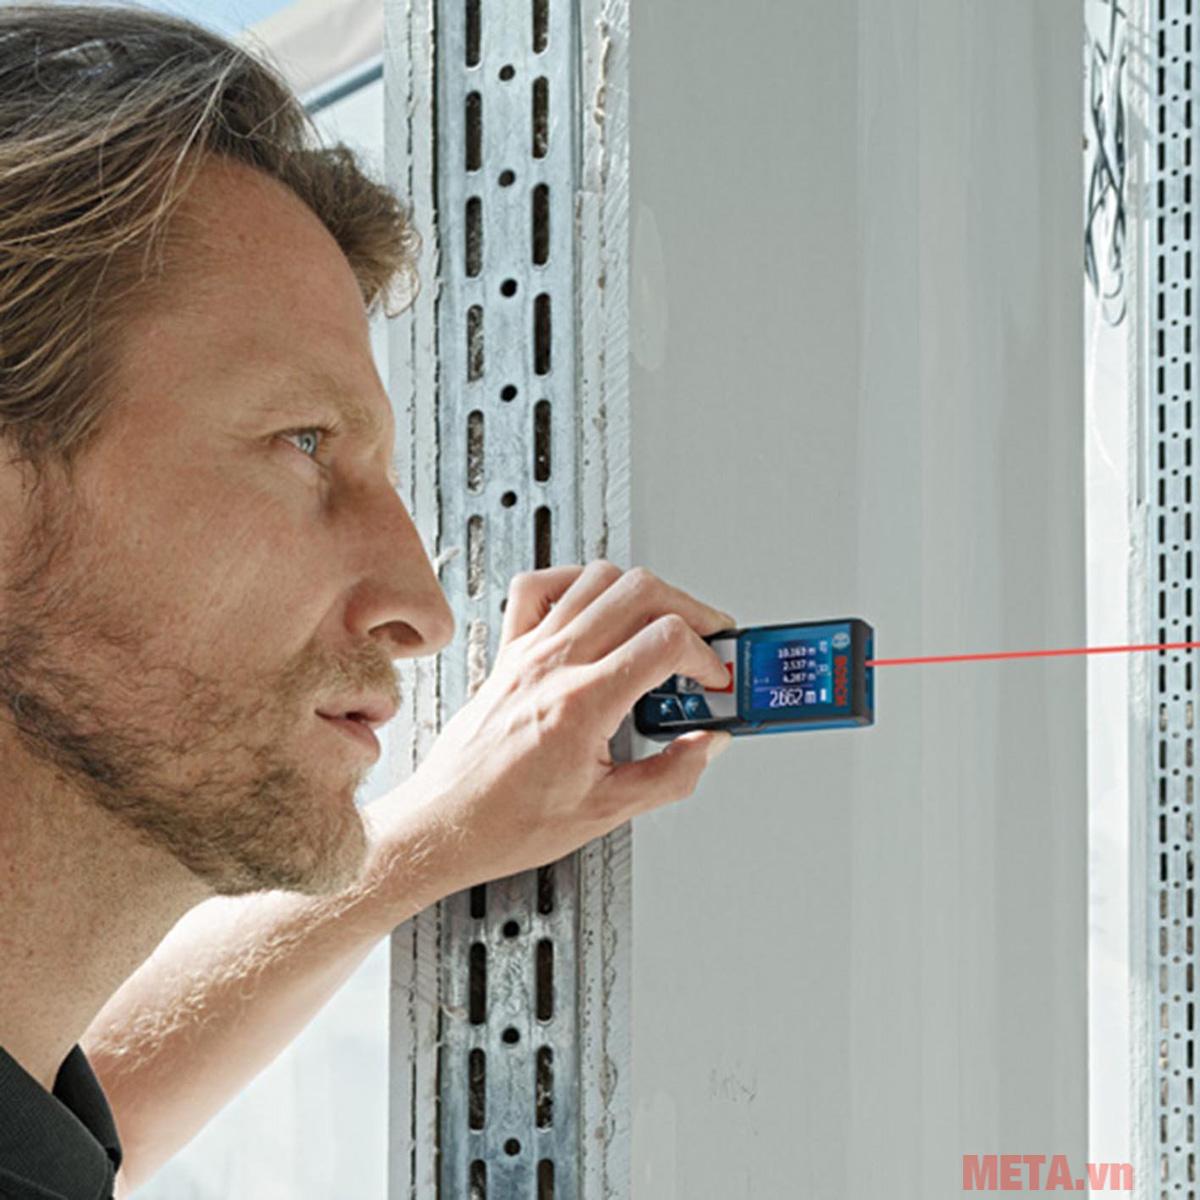 Máy đo khoảng cách laser cao cấp